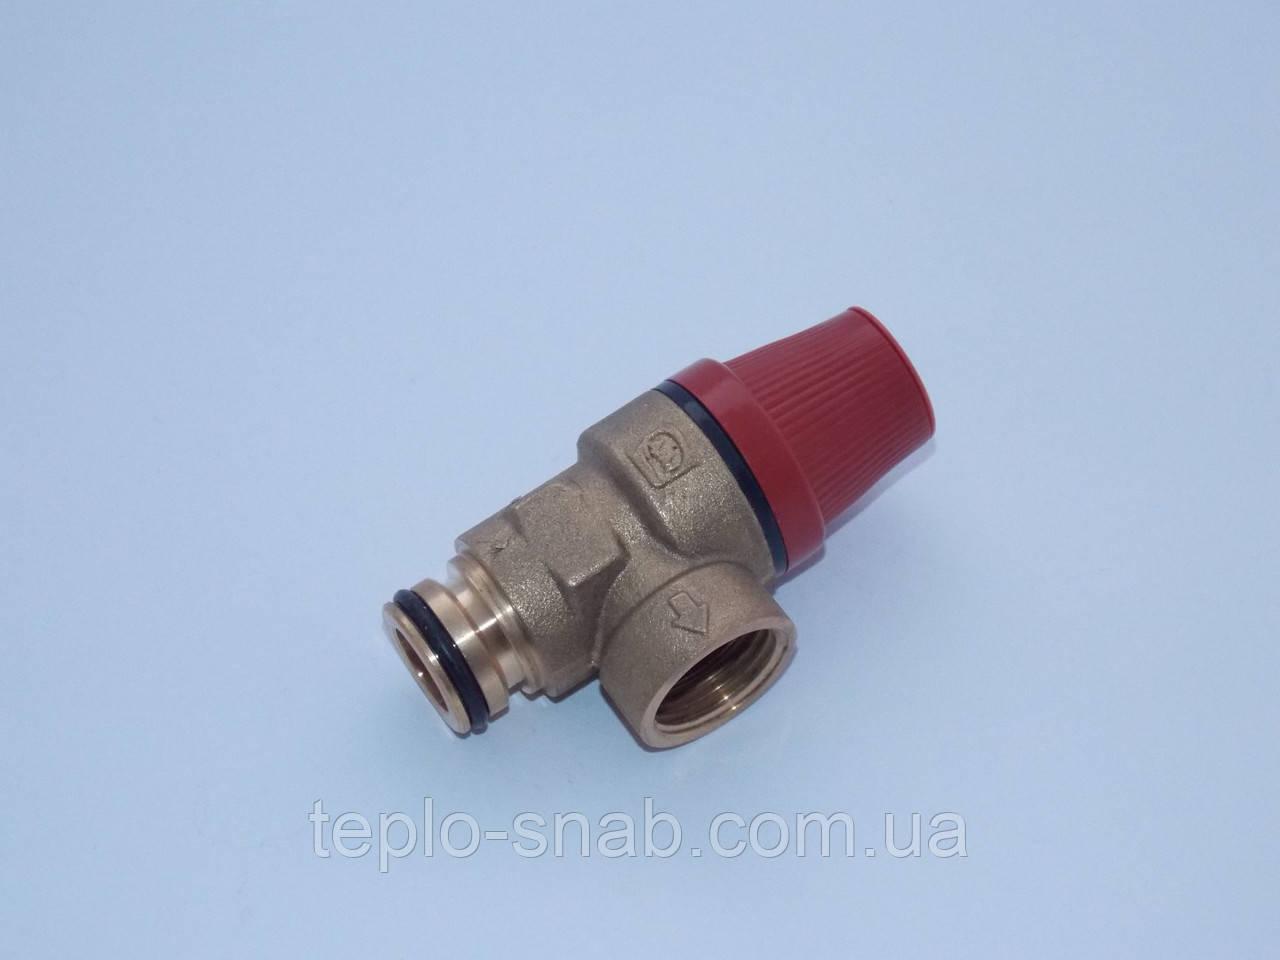 Предохранительный клапан (3 бар.) под скобу